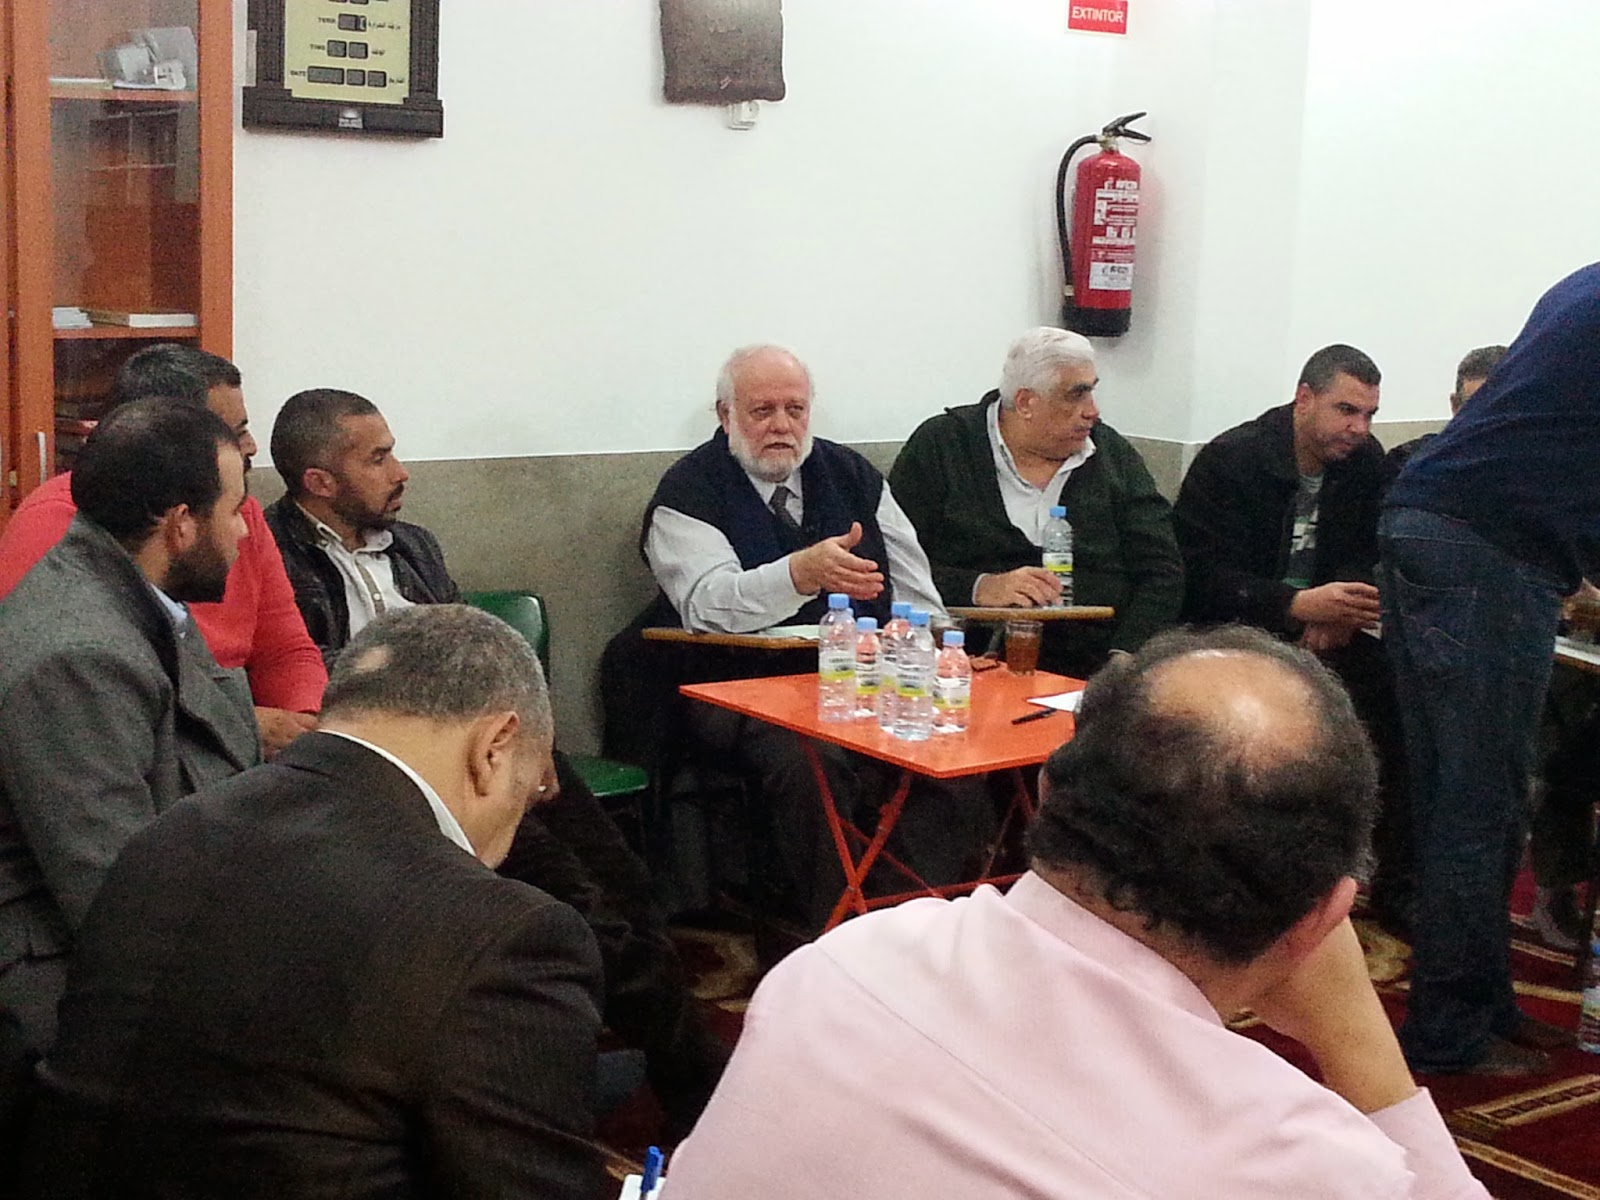 La Unión de Comunidades Islámicas de Galicia, celebra su reunión anual